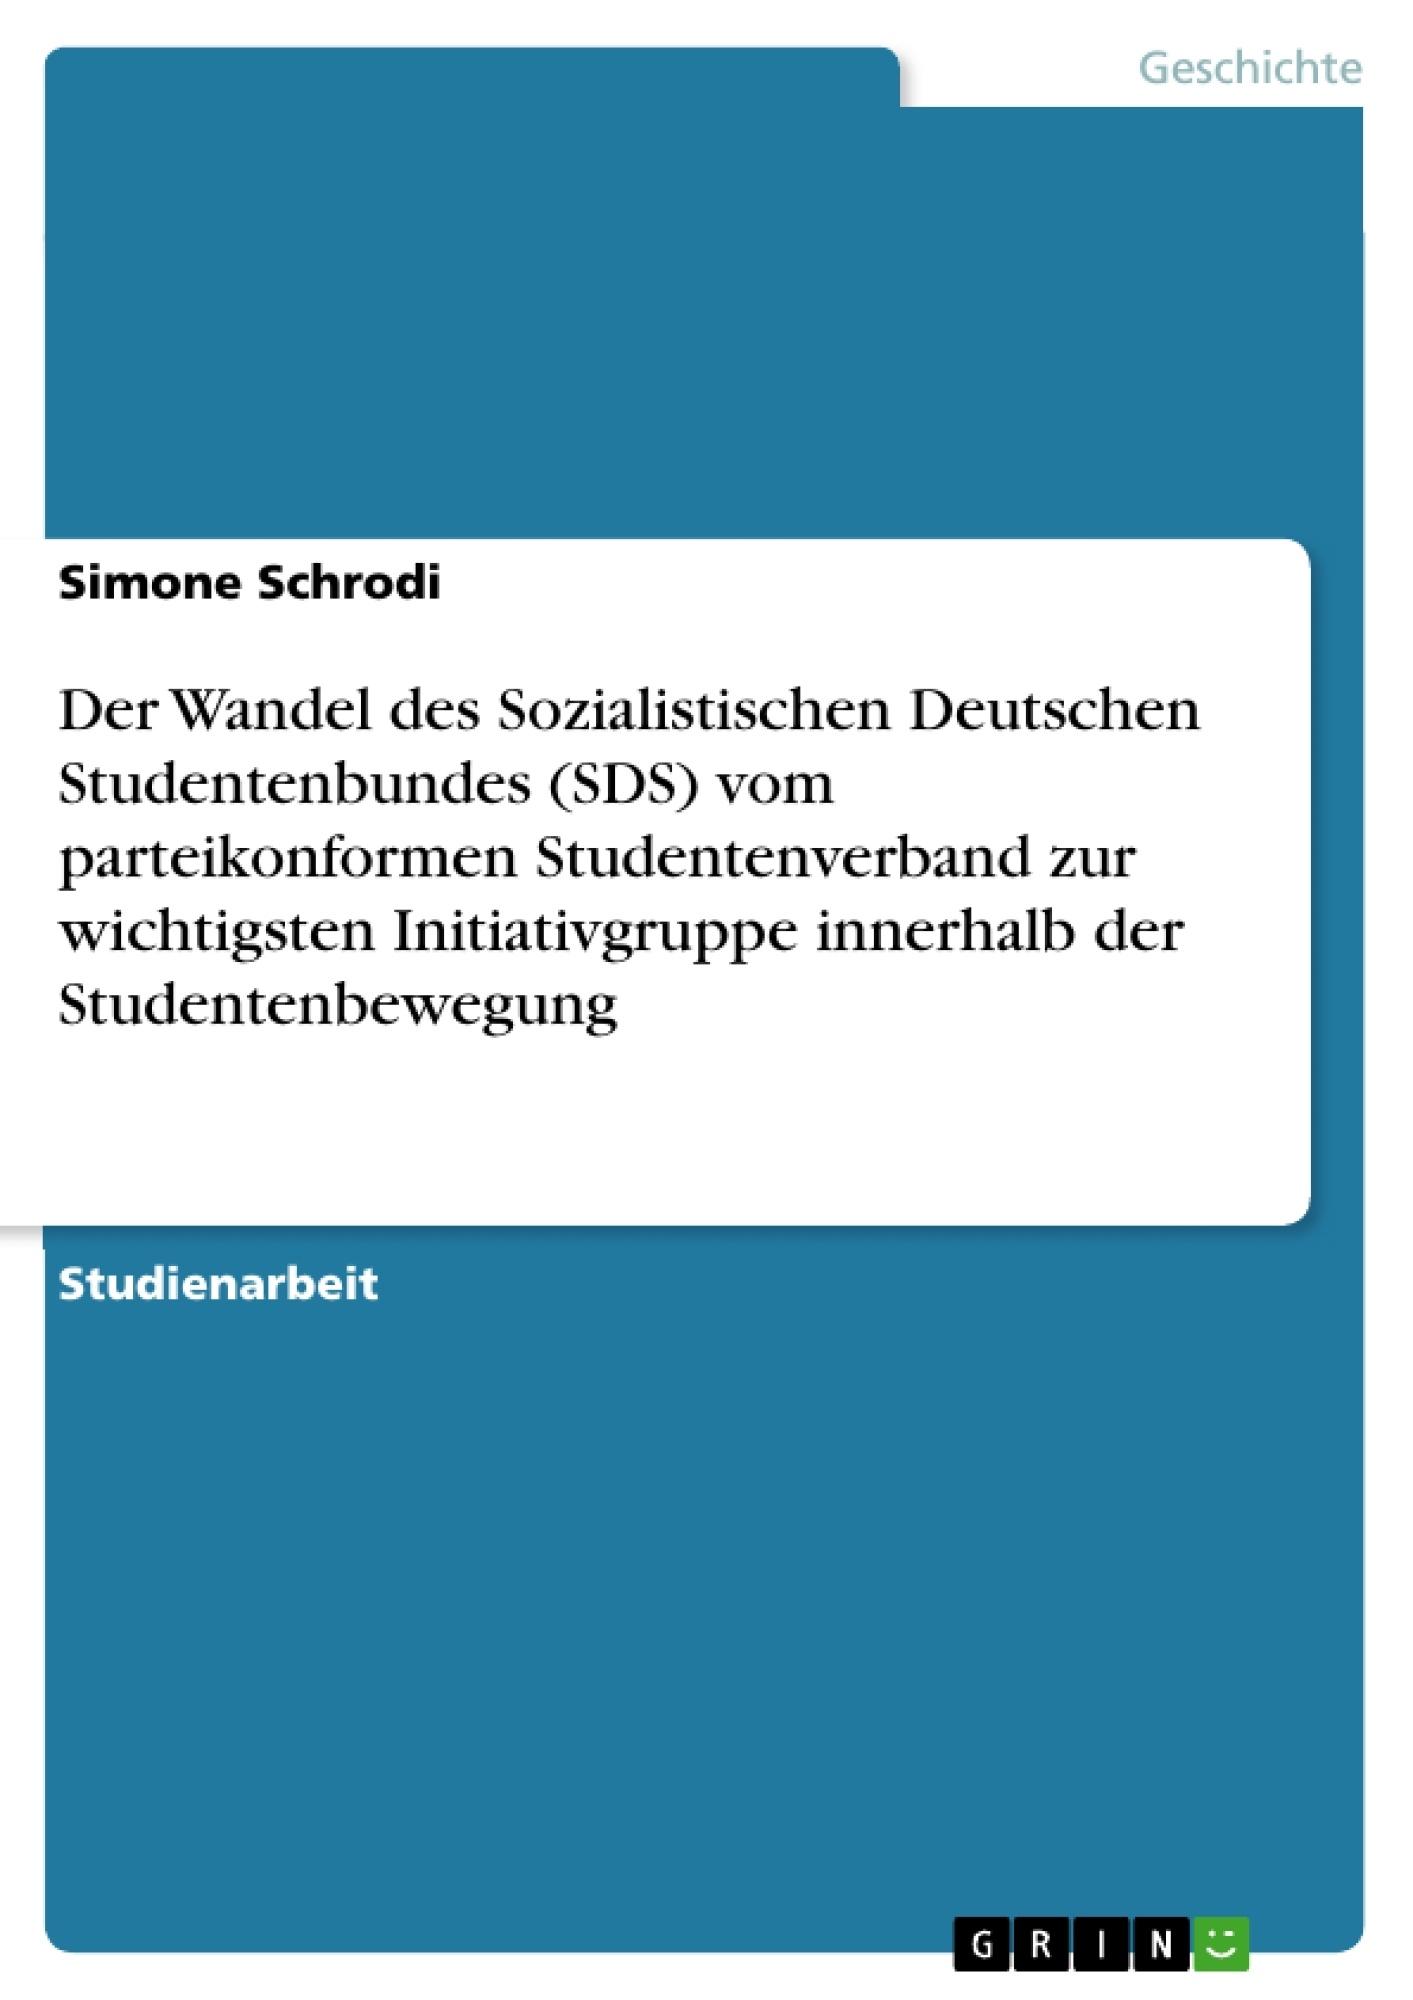 Titel: Der Wandel des Sozialistischen Deutschen Studentenbundes (SDS) vom parteikonformen Studentenverband zur wichtigsten Initiativgruppe innerhalb der Studentenbewegung